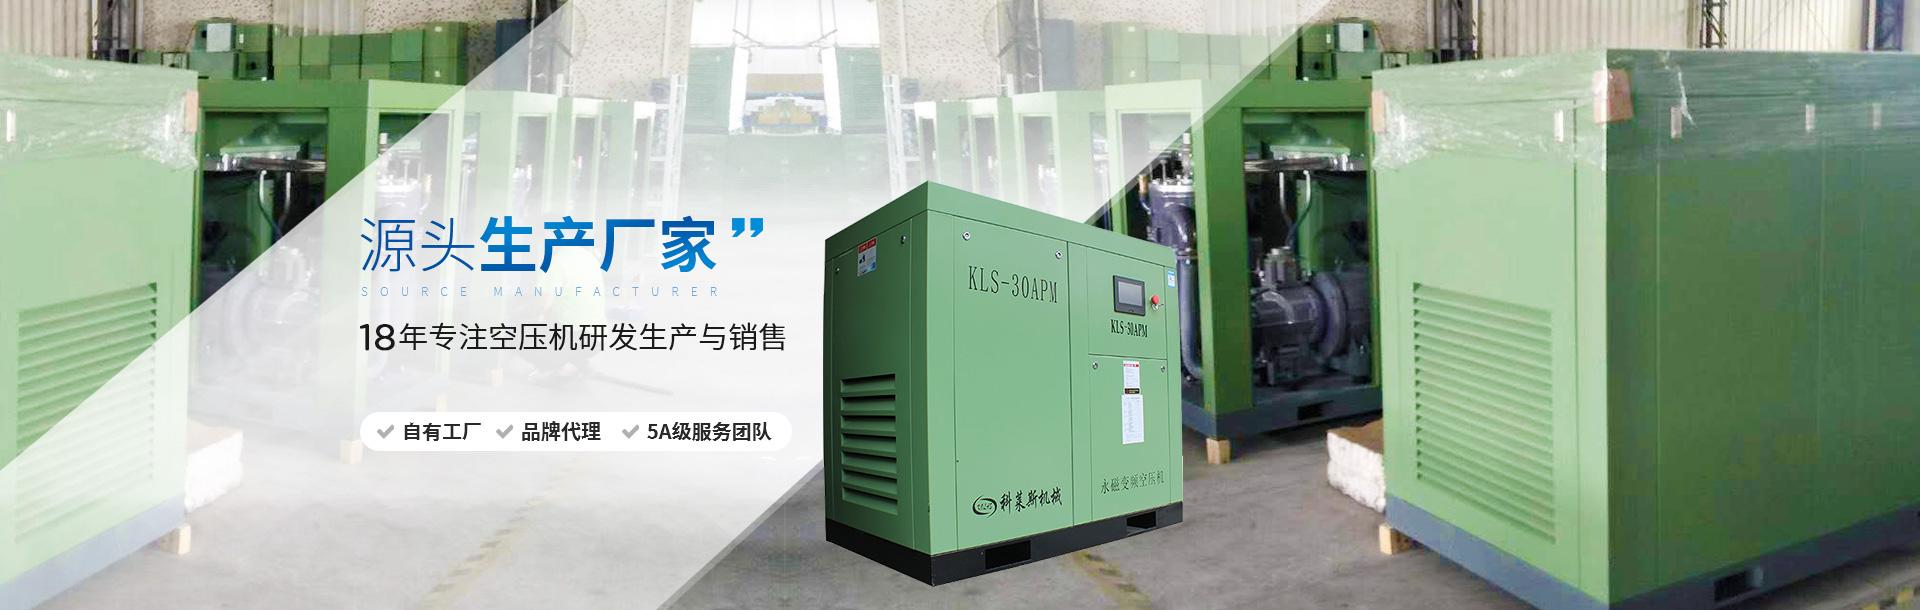 巨劲机电-源头生产厂家,18年专注空压机研发生产与销售